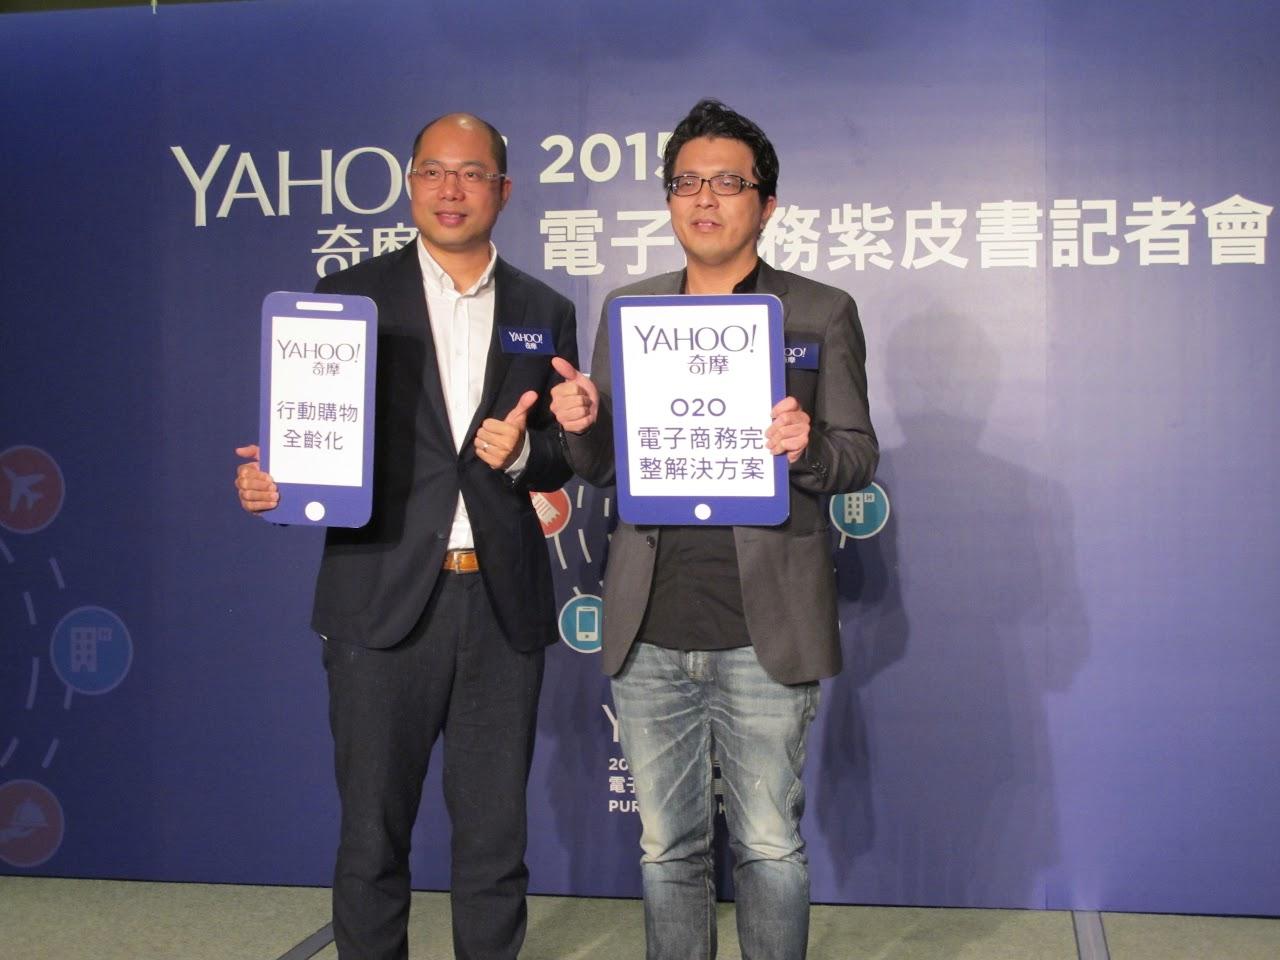 「這一定要講一下!」王志仁宣布Y拍營收成長50%,第三方支付仍在規劃中